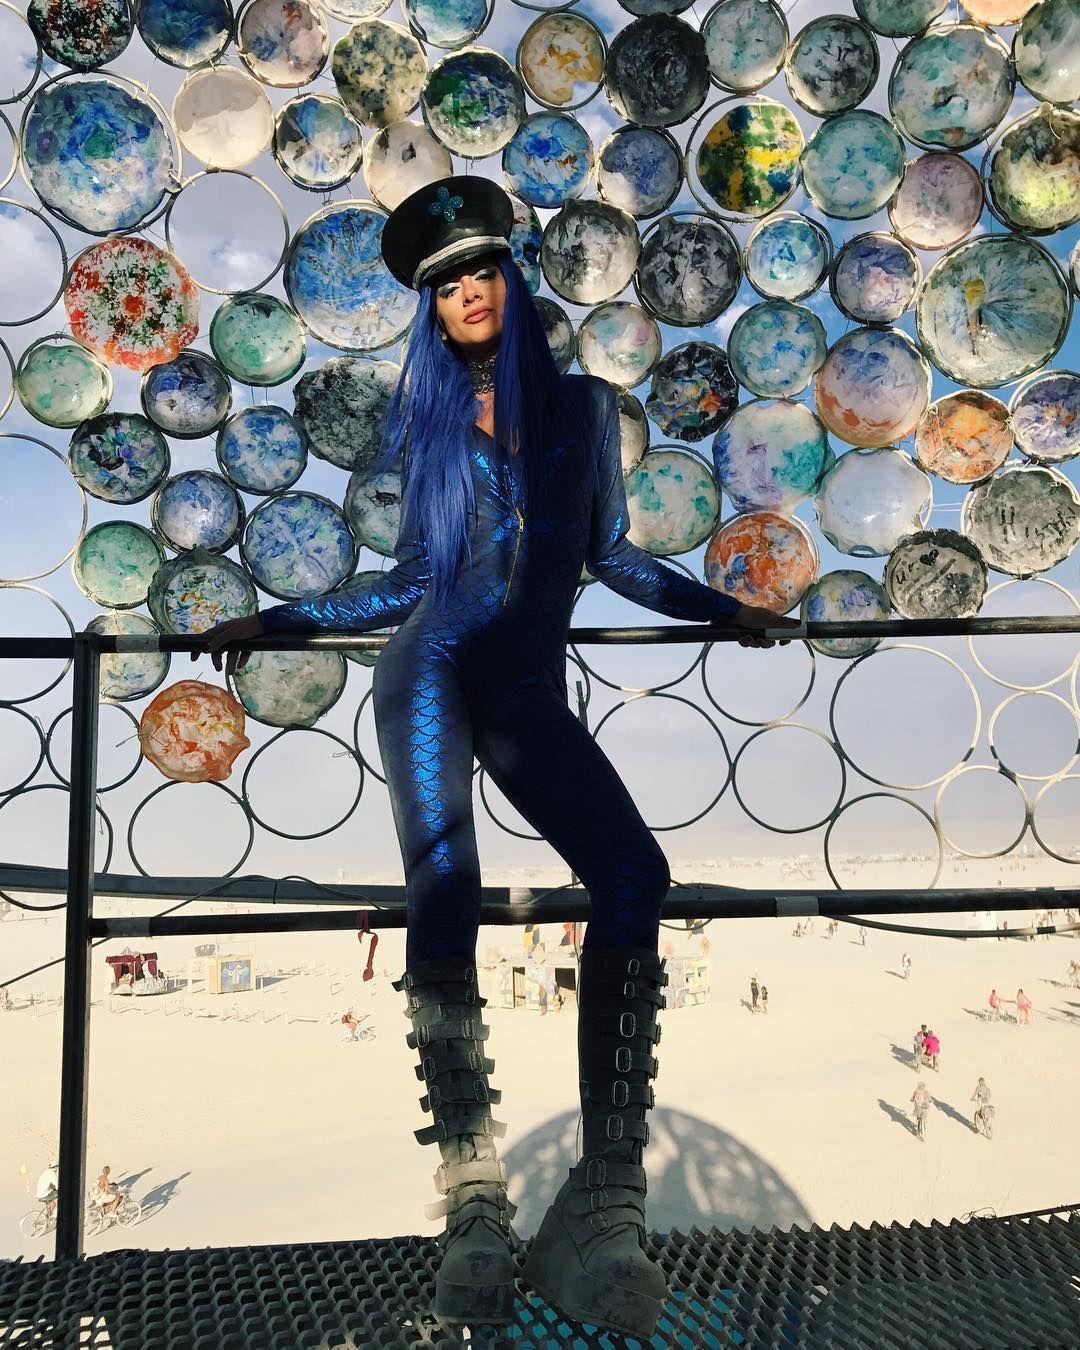 Пилюка, голі тіла та сучасне мистецтво: круті фото з фестивалю Burning Man 2017 - фото 336383